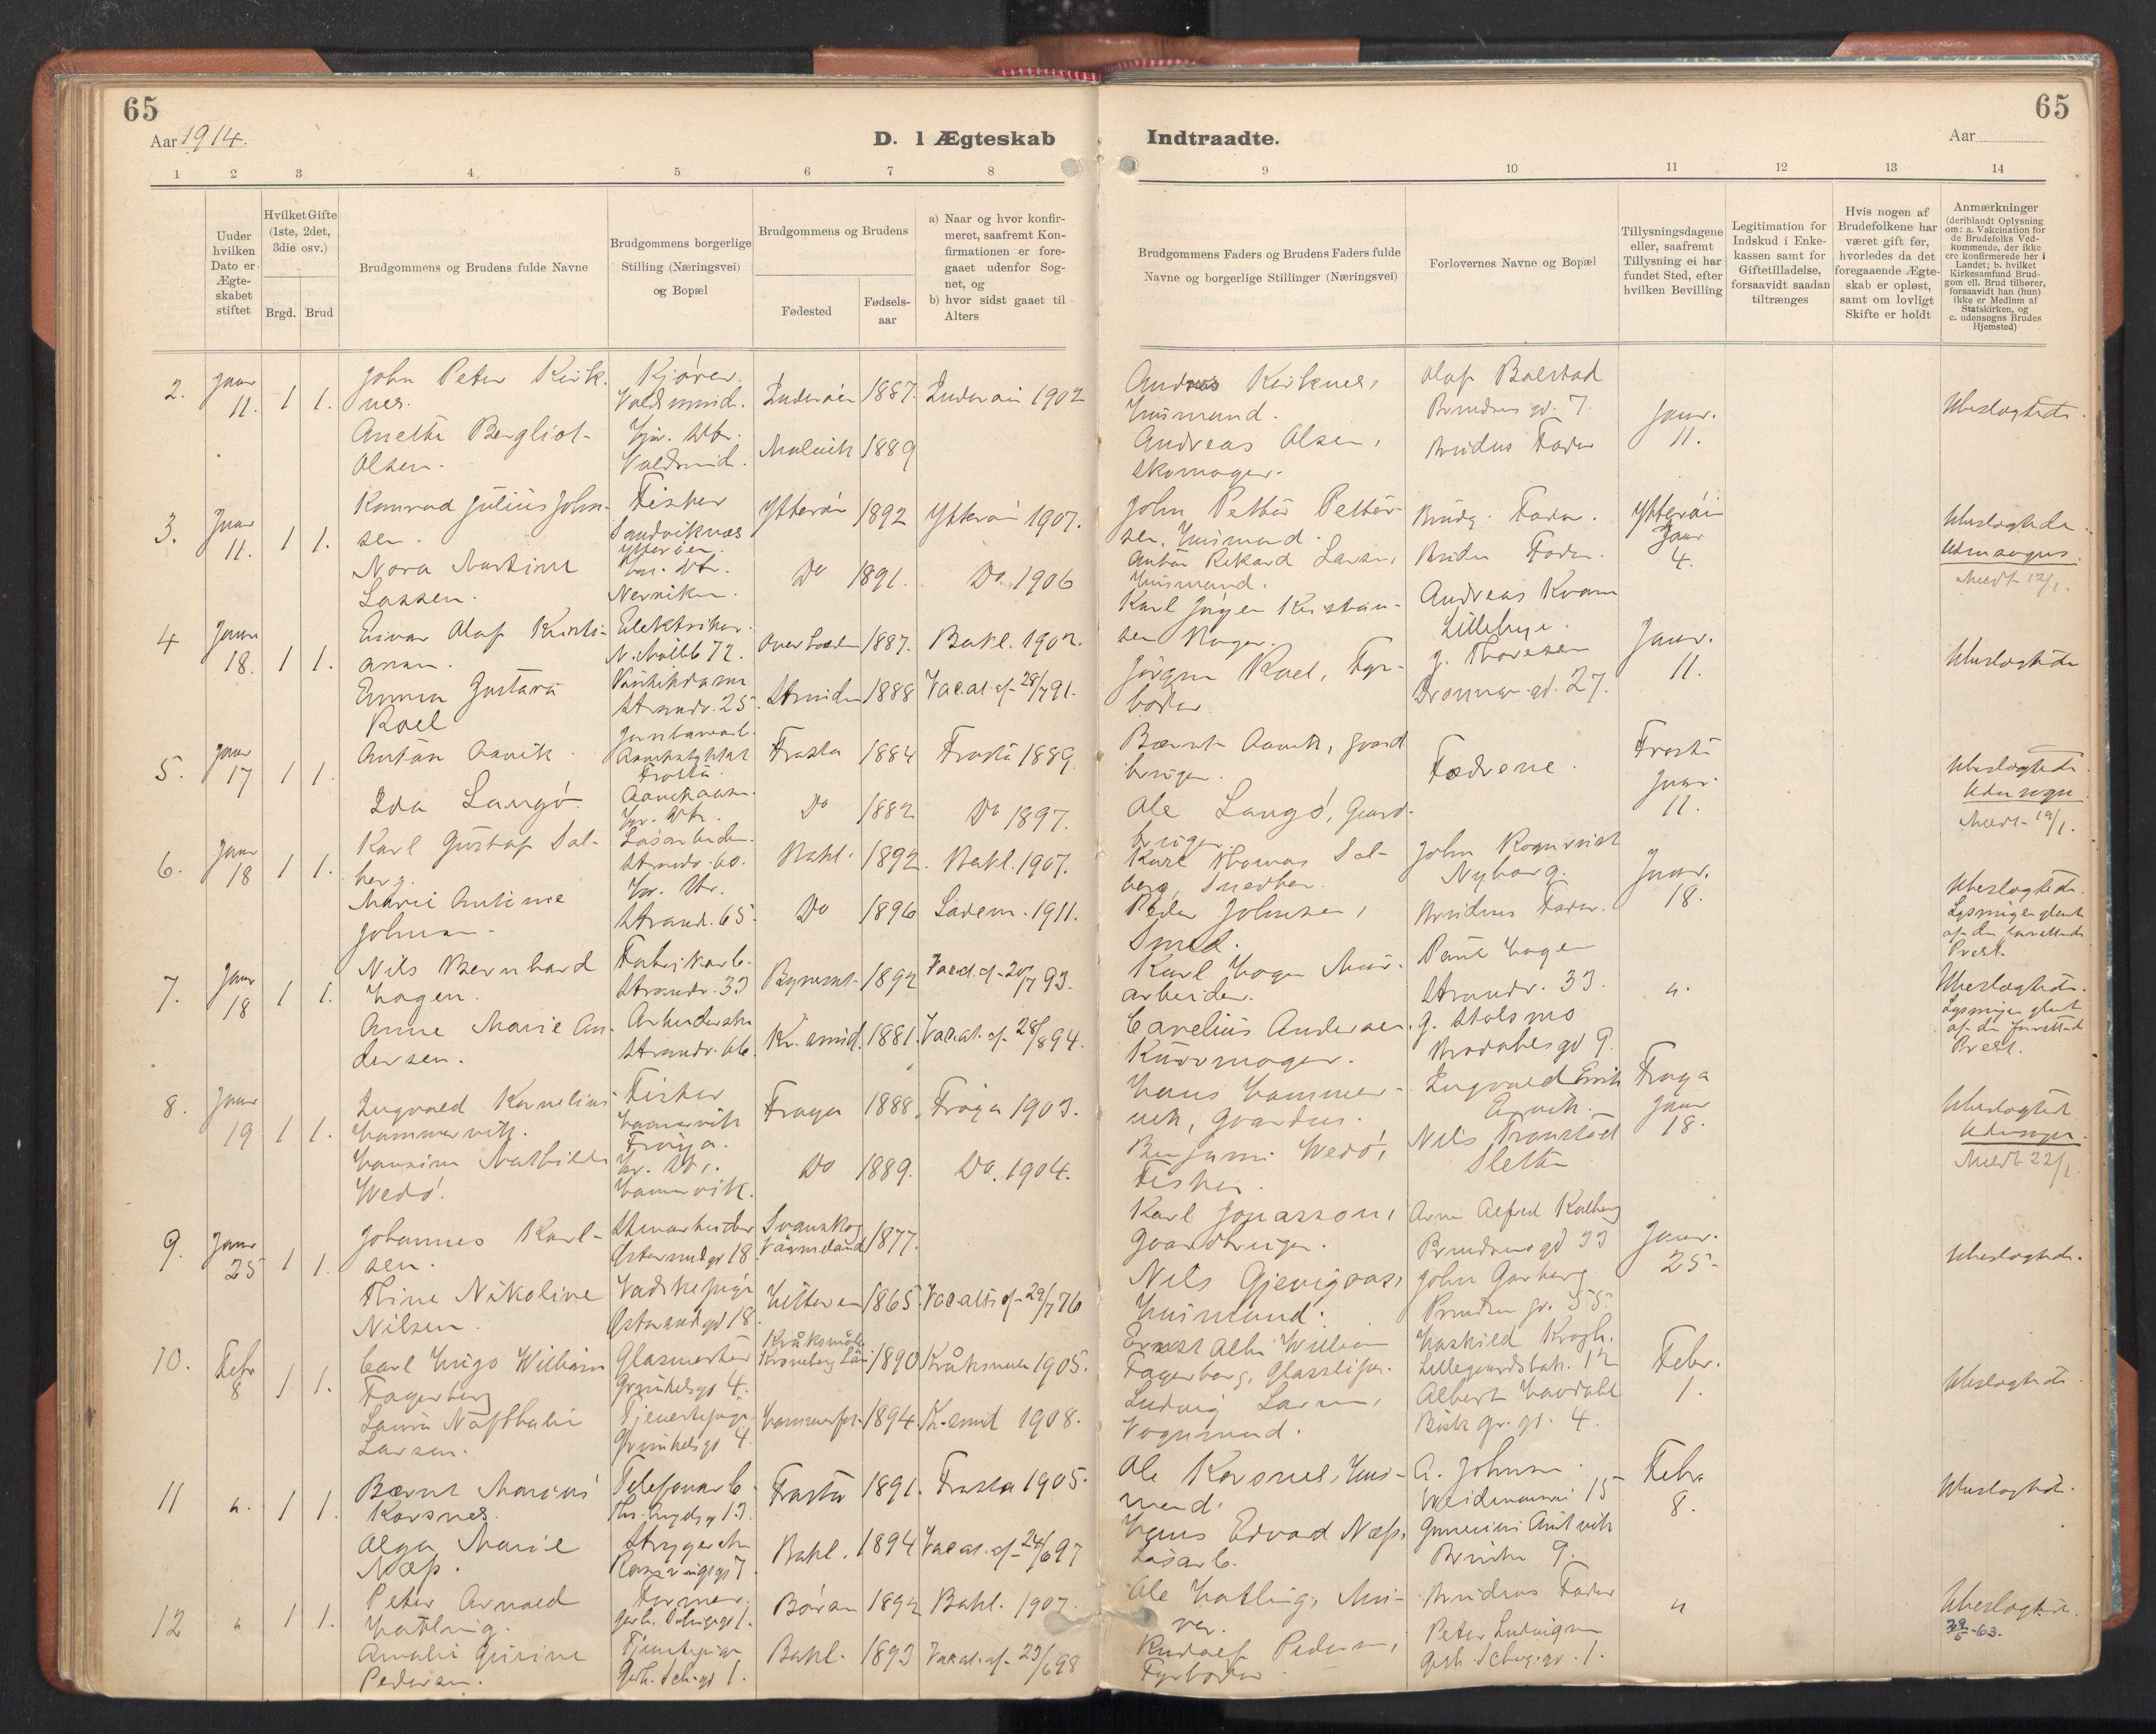 SAT, Ministerialprotokoller, klokkerbøker og fødselsregistre - Sør-Trøndelag, 605/L0244: Ministerialbok nr. 605A06, 1908-1954, s. 65